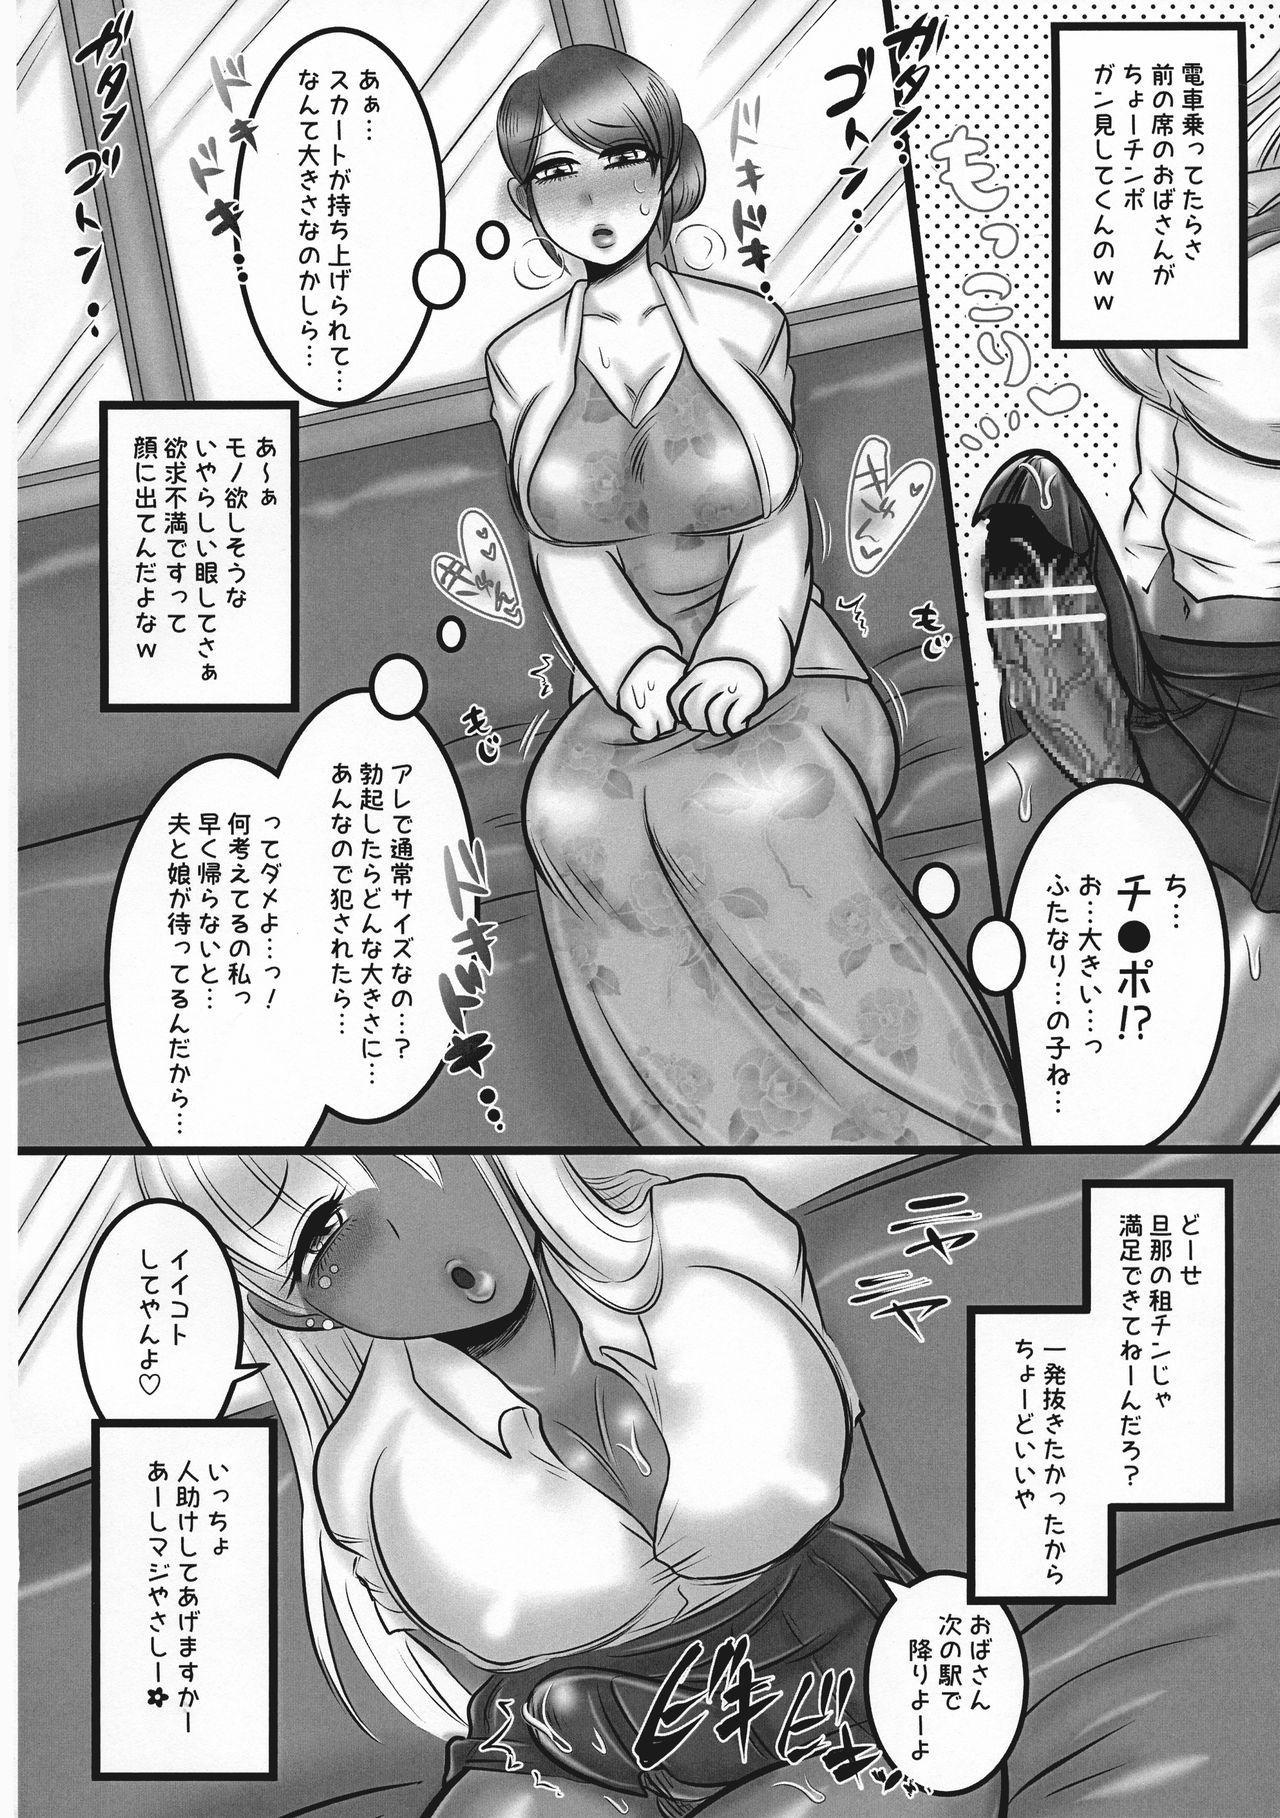 Futanari Gyaru ga Jiko Ninshin Suru Manga! 6